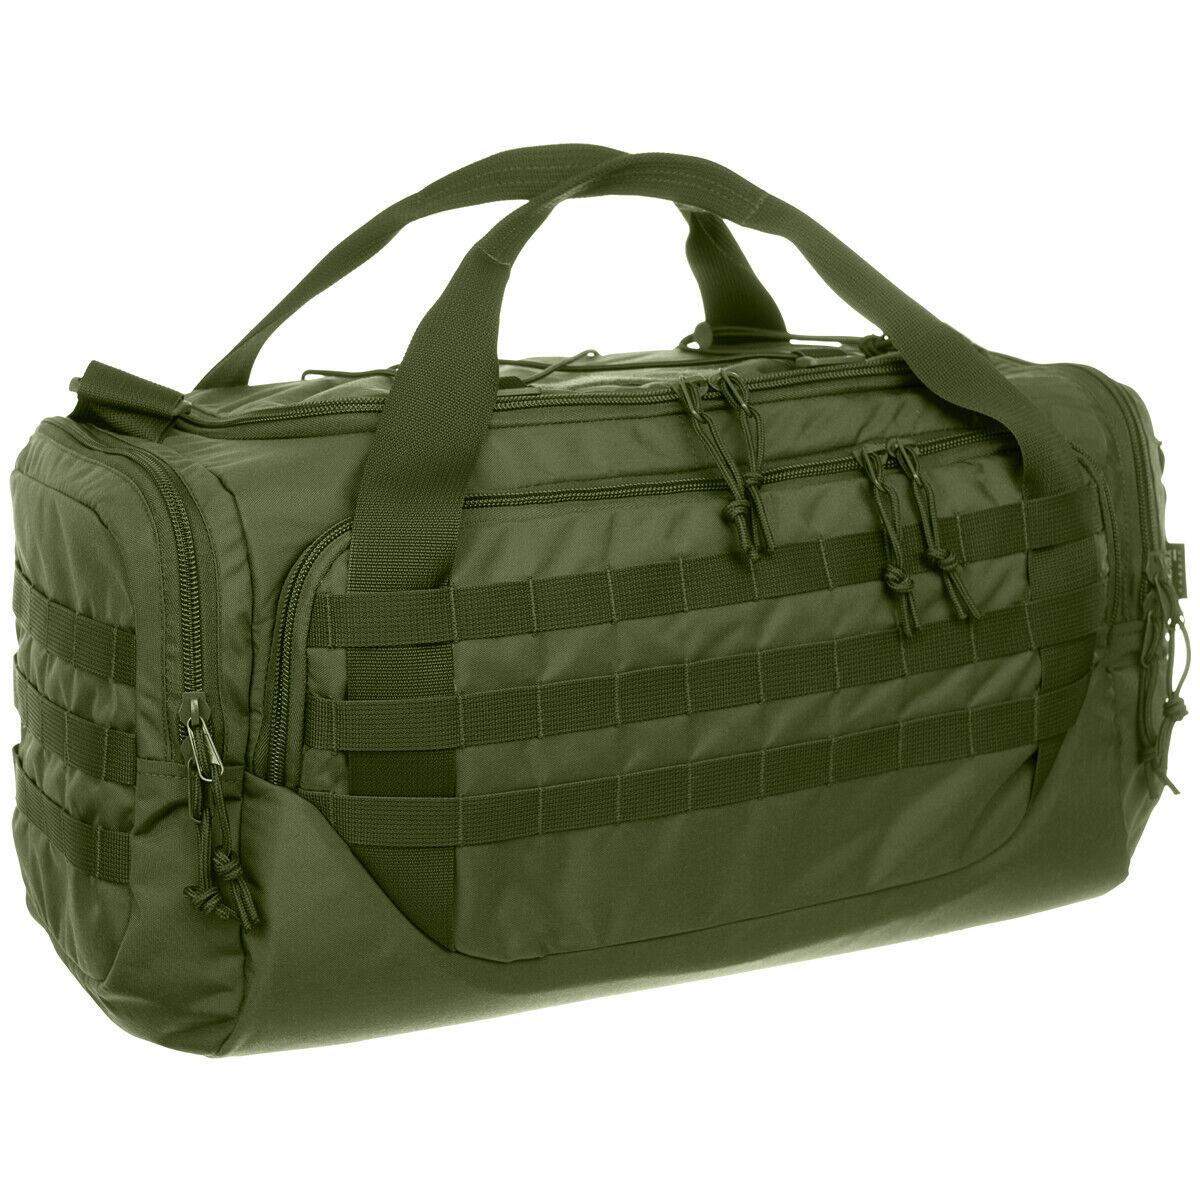 Wisport Stork Borsa Militare MOLLE Caccia PALS Esercito Softair Olive verde